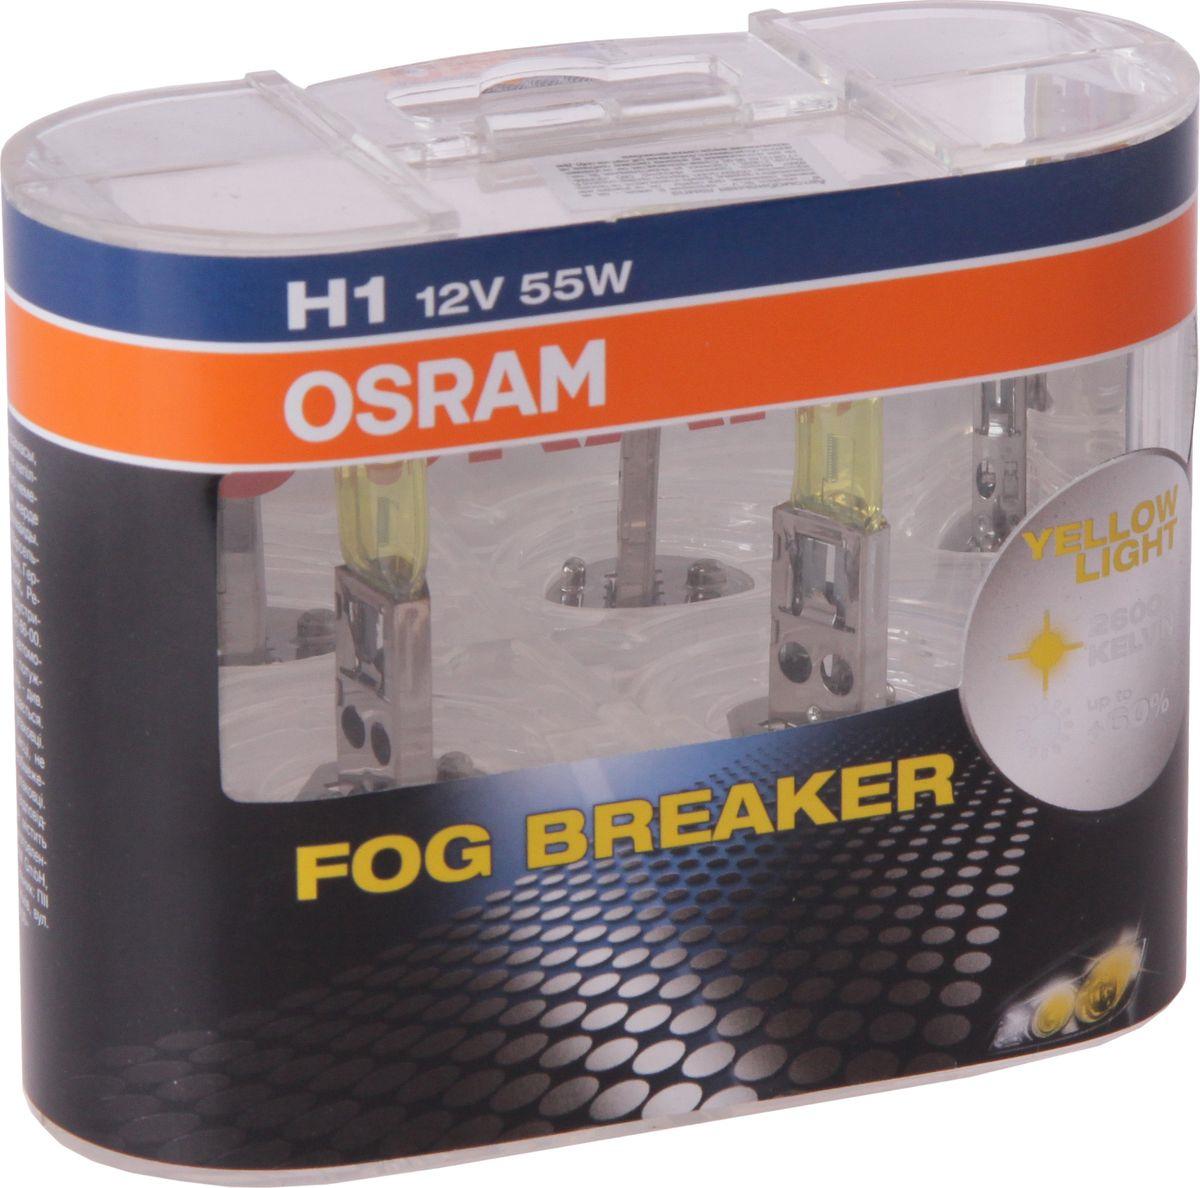 Лампа автомобильная Osram H1 (55) P14.5s Fog Breaker 2600K 12V, 62150FBRHCB, 2 шт лампа галогенная osram hb3 2600к fog breaker 60